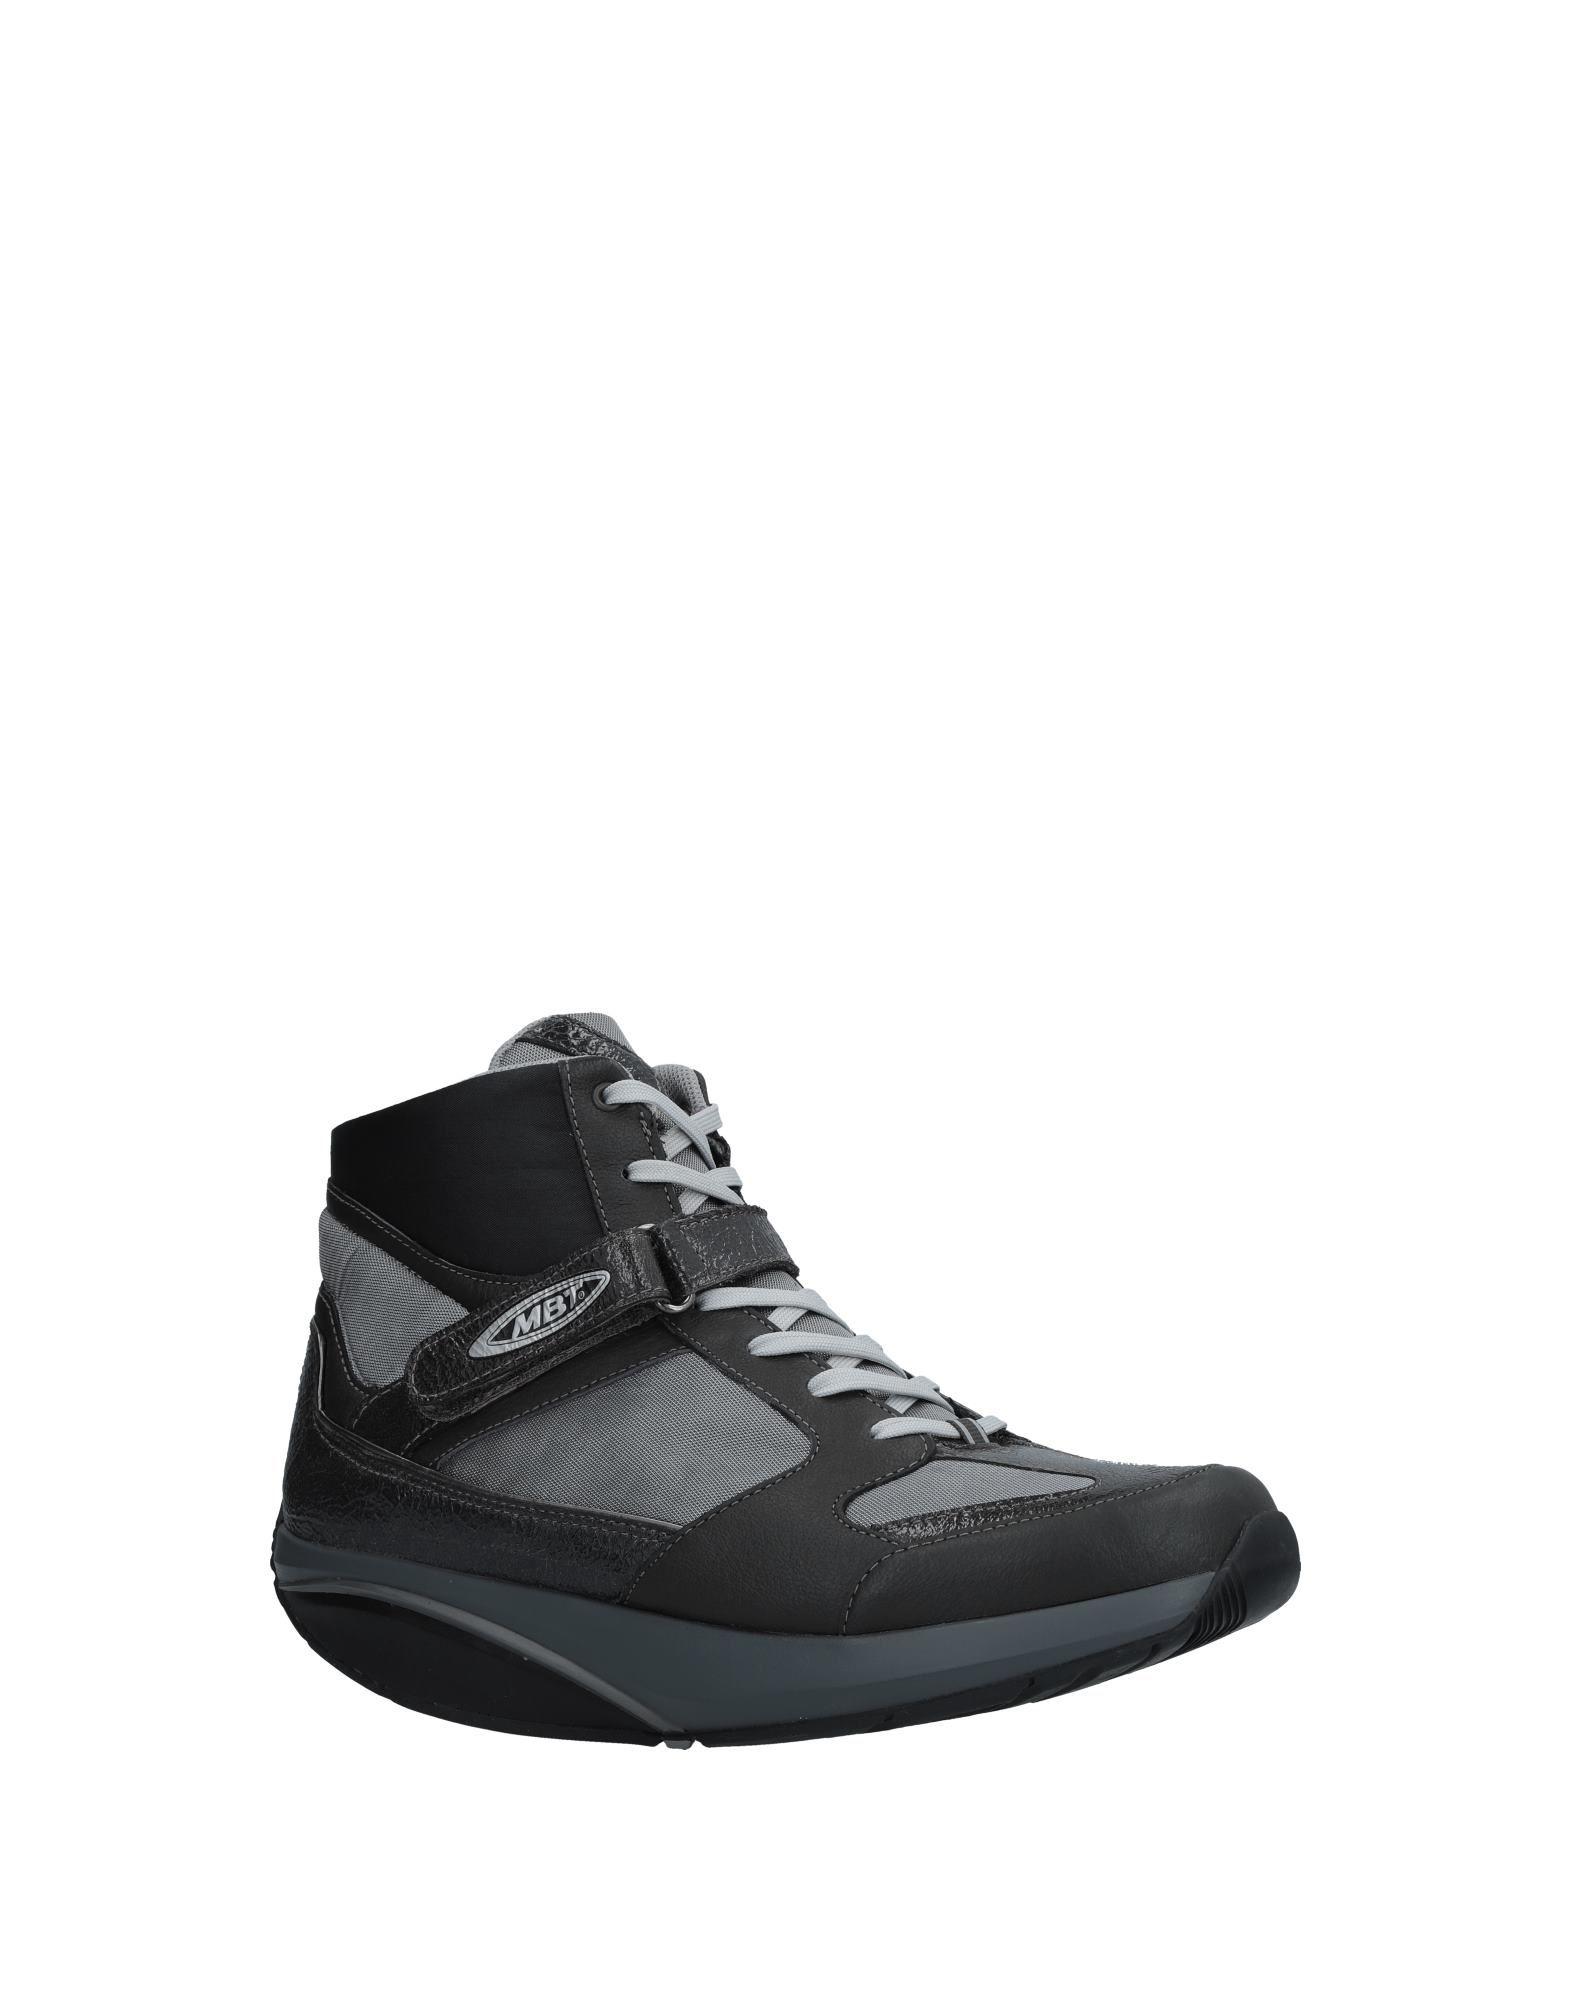 Stilvolle billige Schuhe Mbt Sneakers 11538508LJ Damen  11538508LJ Sneakers 2bcfc8